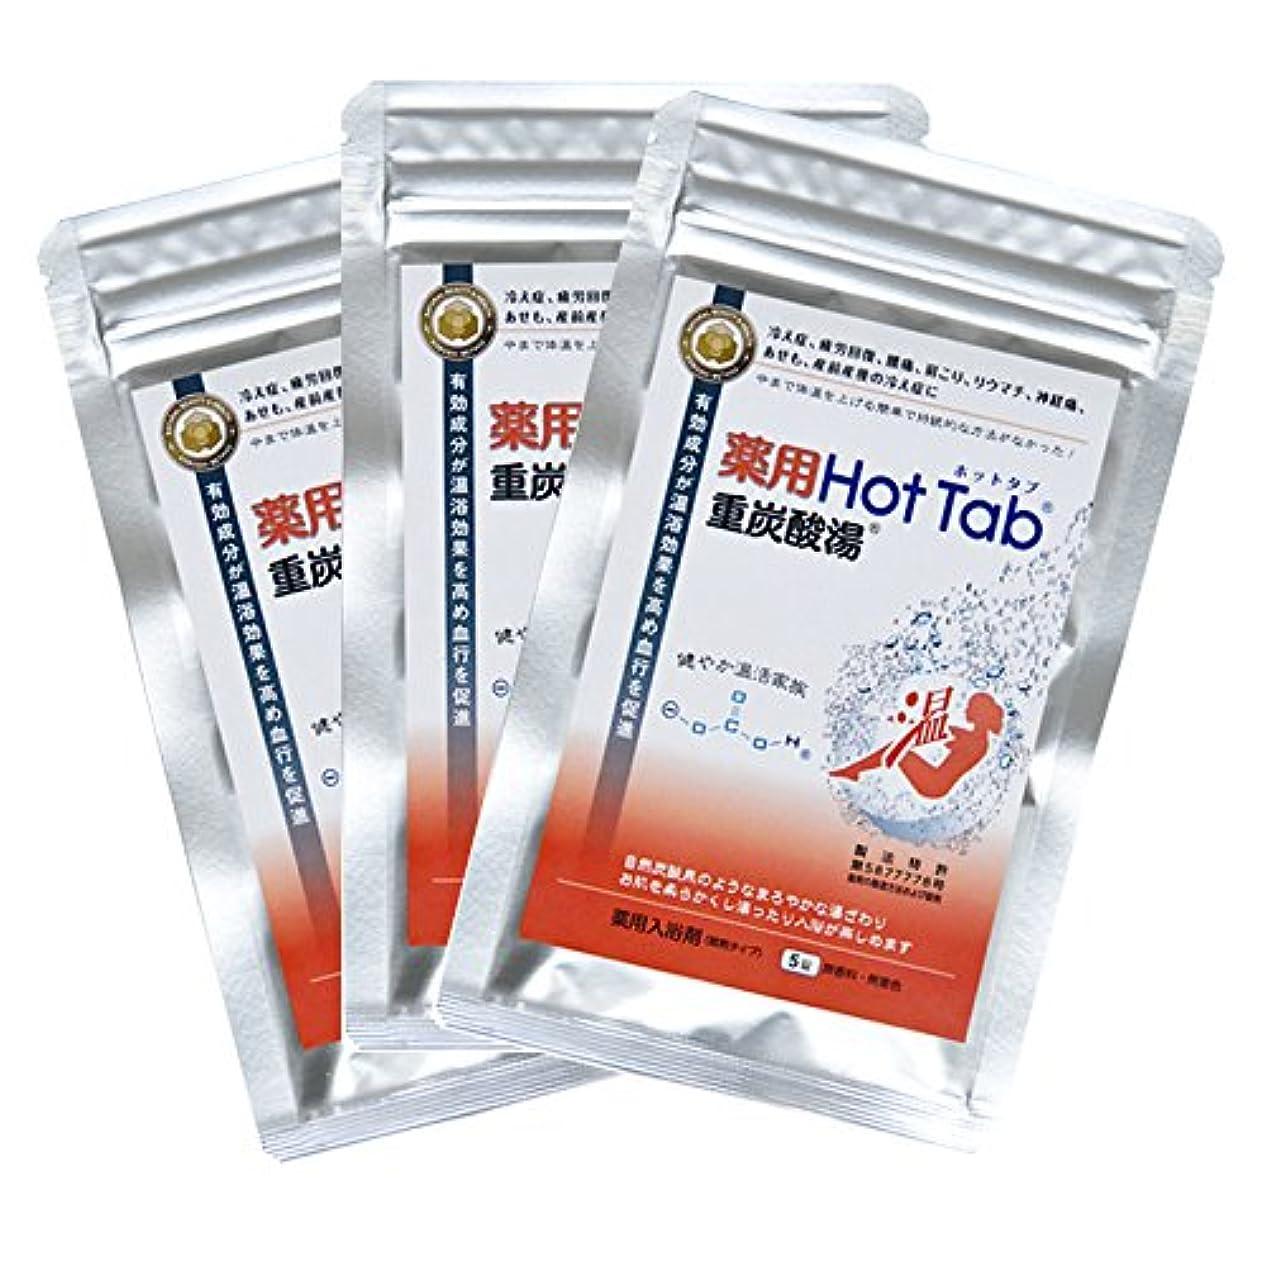 しばしばやむを得ない預言者薬用 Hot Tab 重炭酸湯 5錠入りx3セット